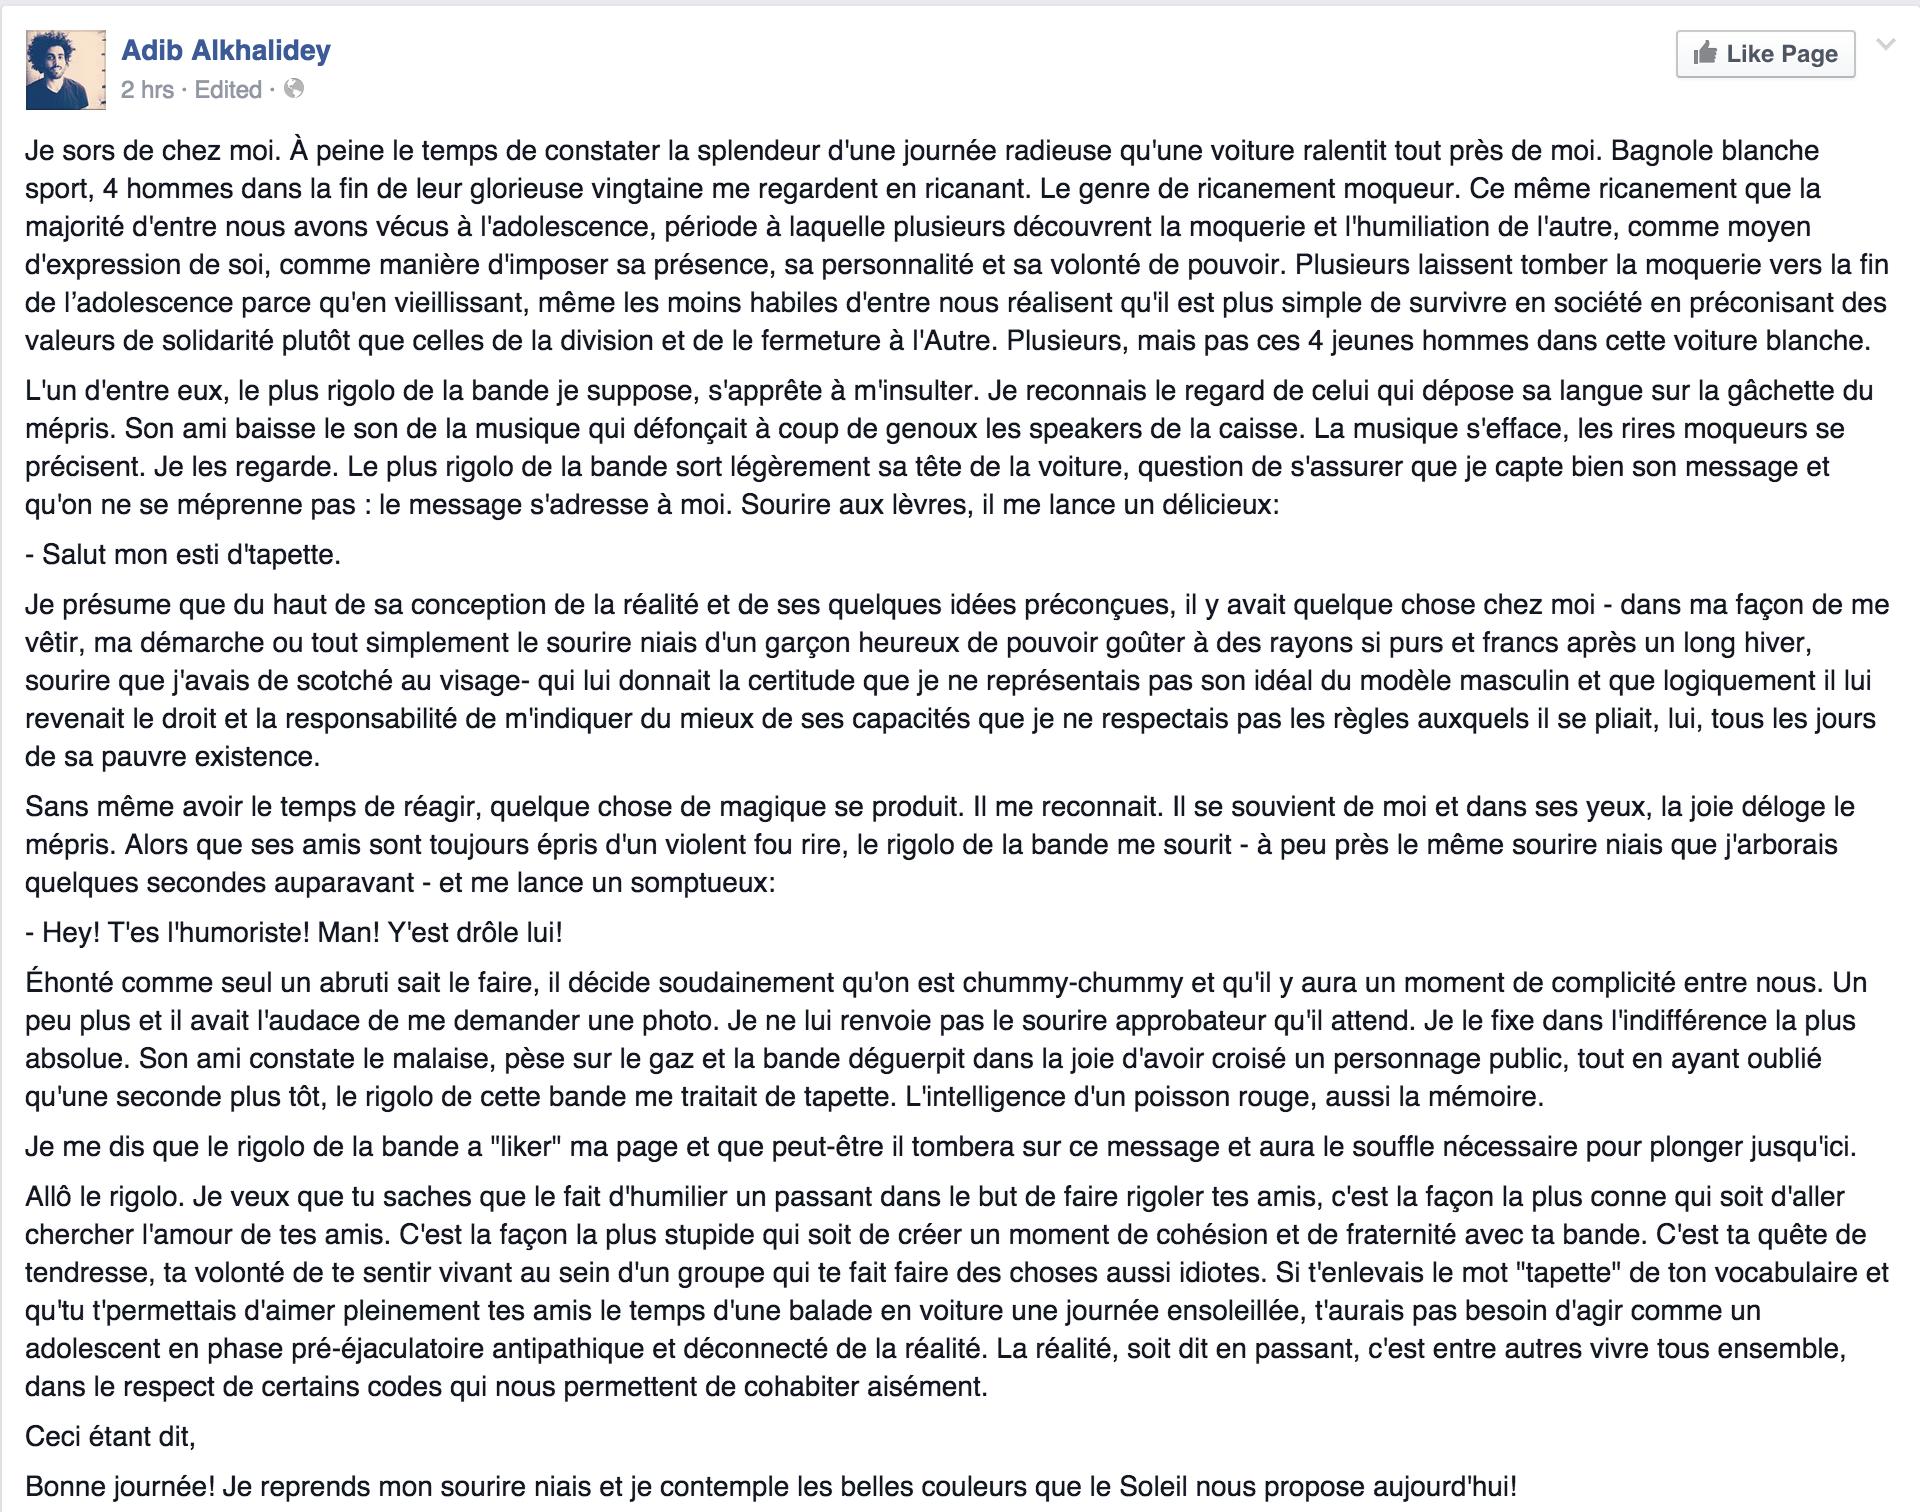 Commentaire d'Adib Alkhalidey sur Facebook